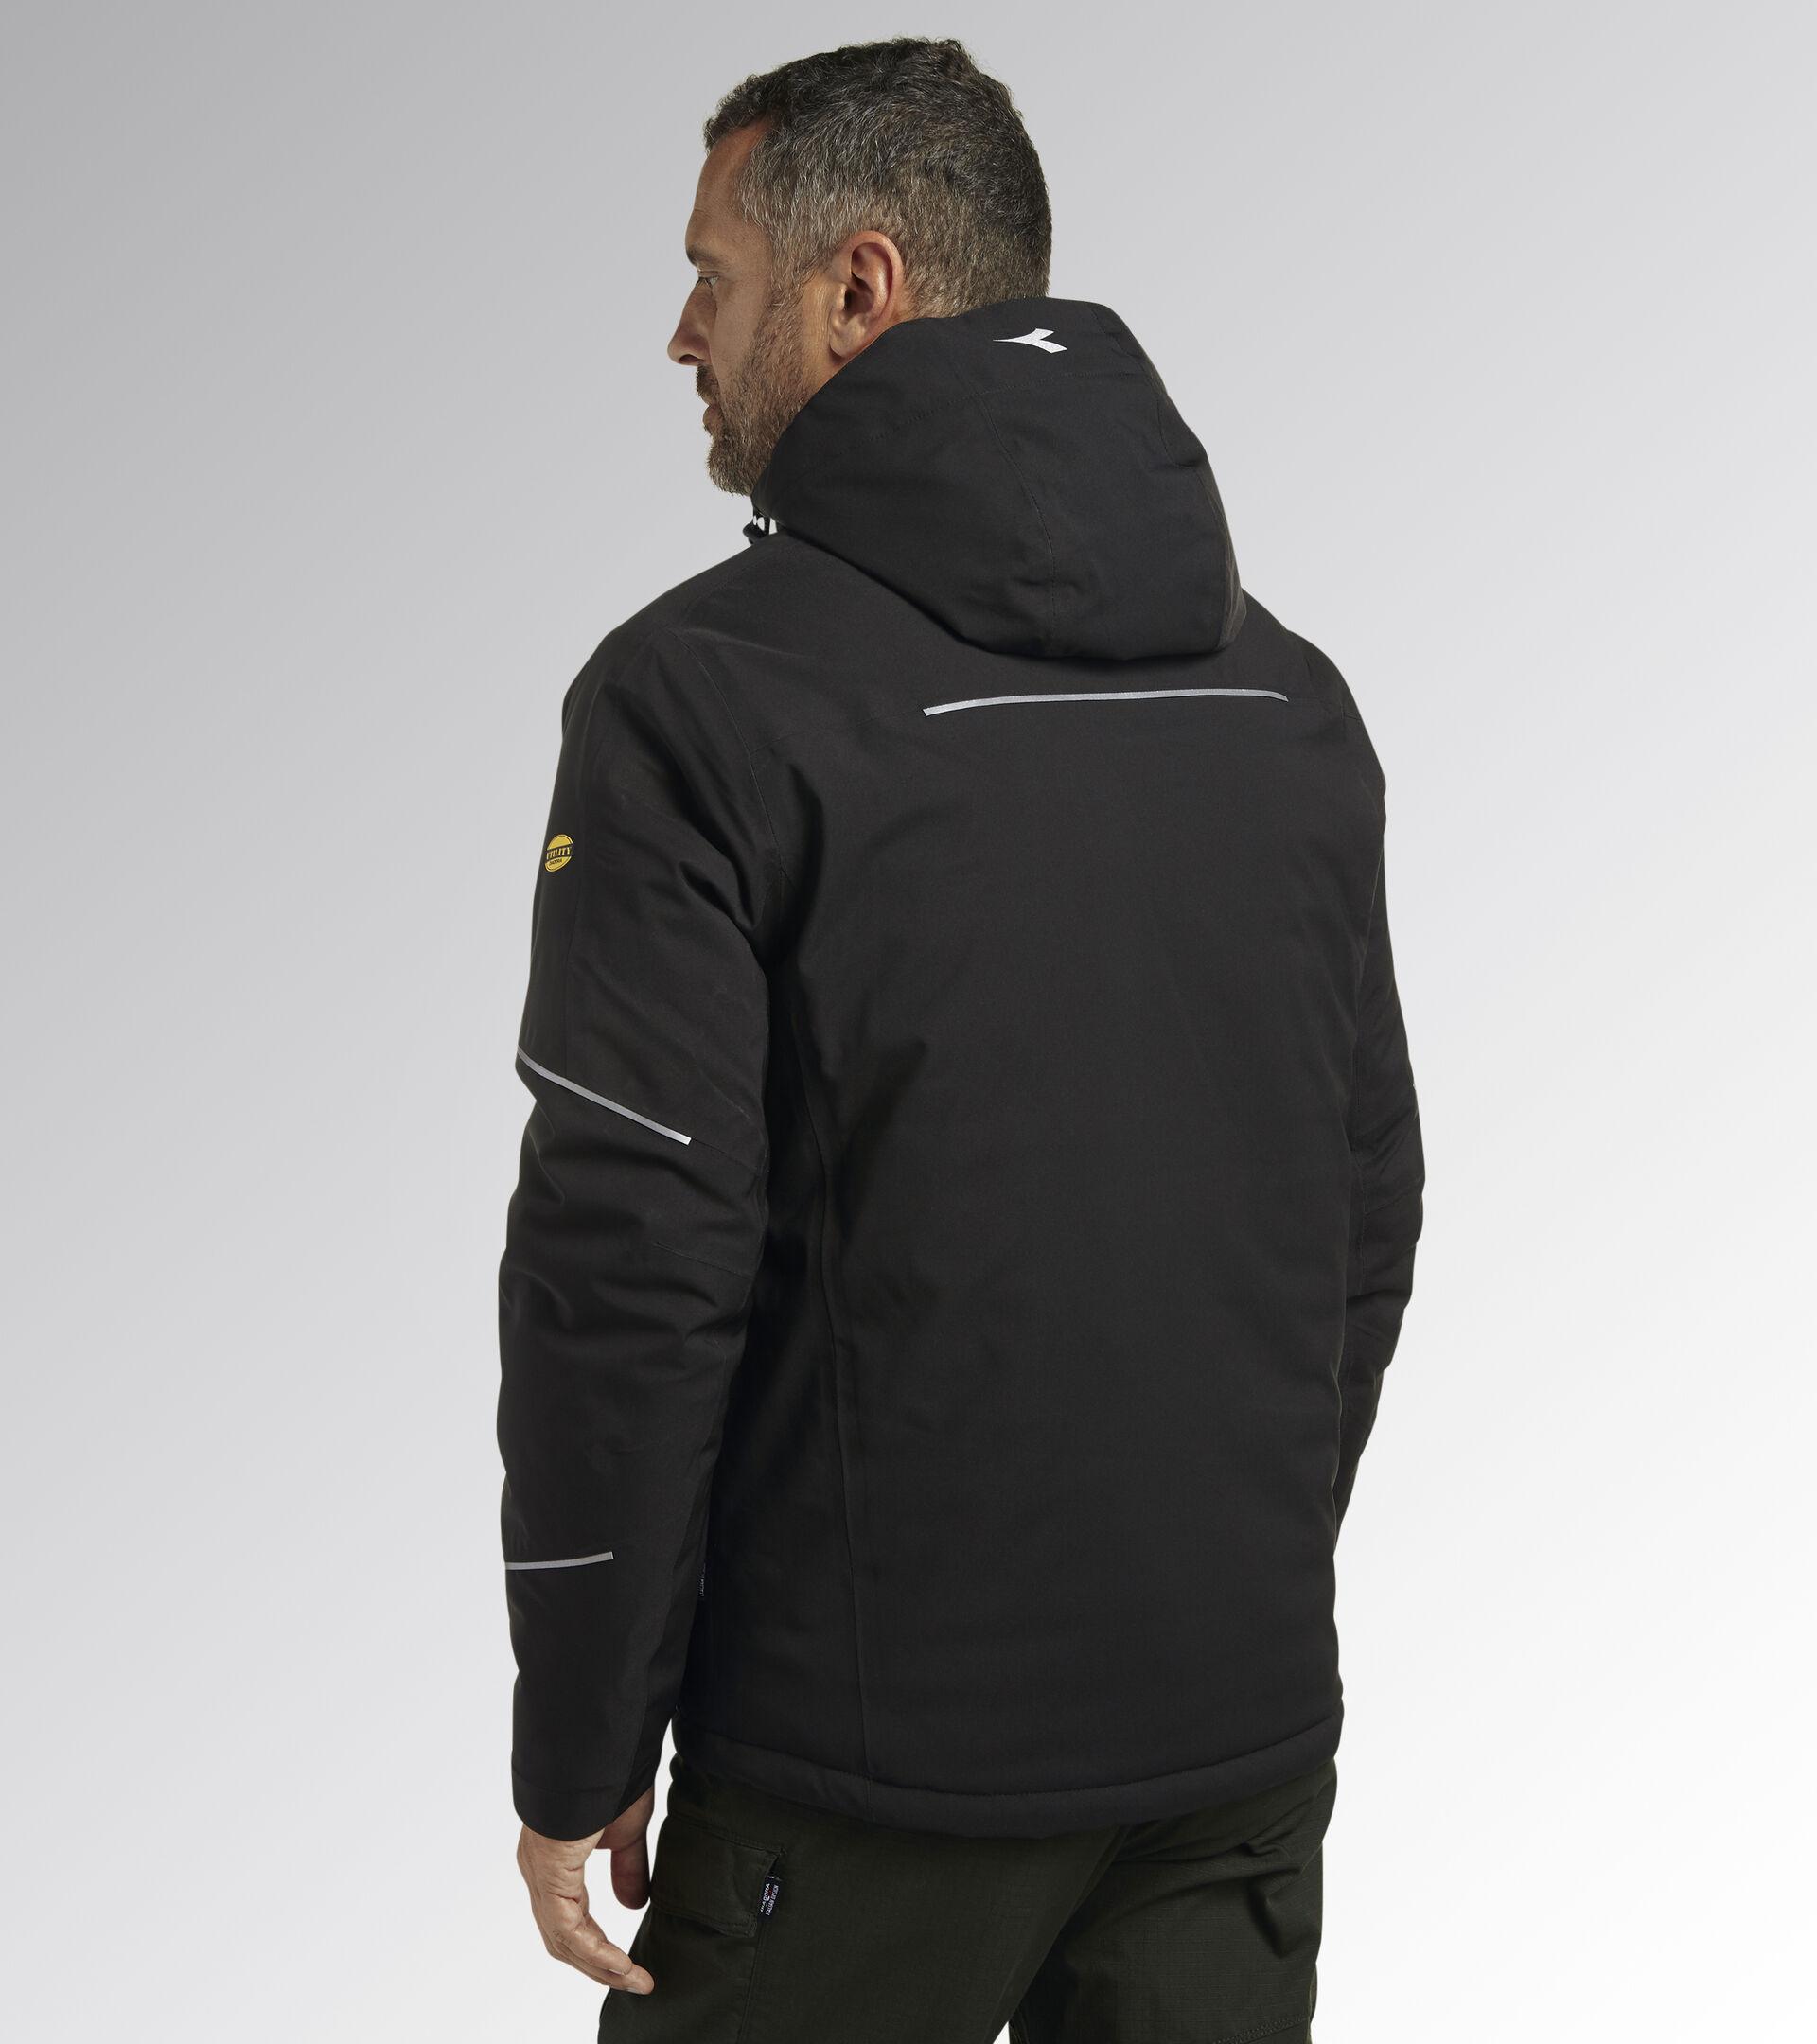 Work jacket PADDED JACKET CROSS BLACK - Utility